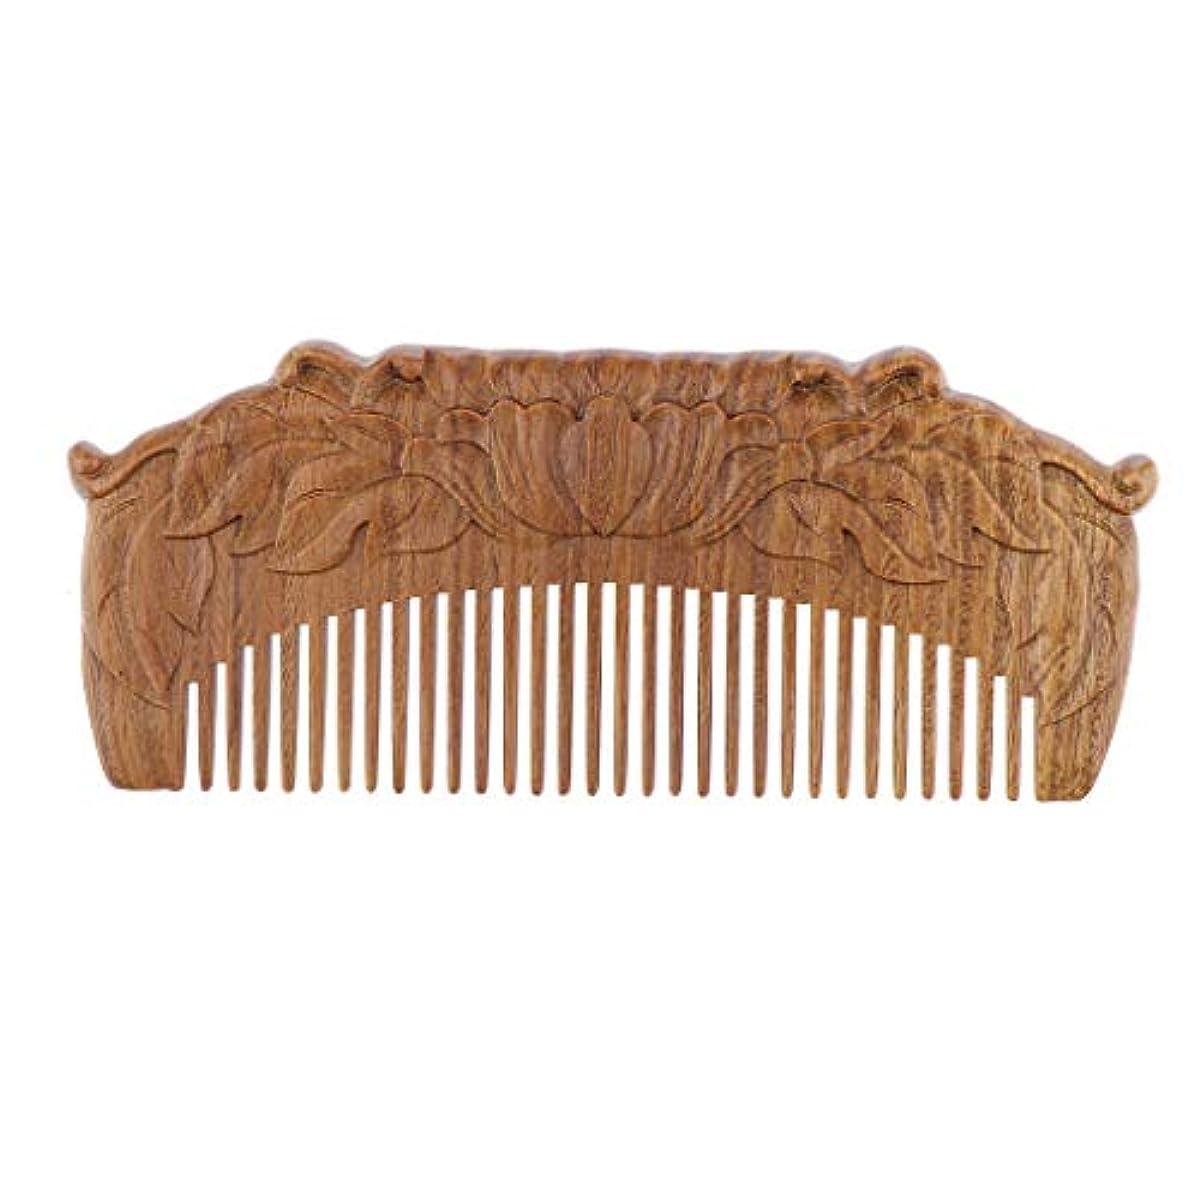 破壊する破壊的なダニ木製櫛 ヘアコーム ヘアブラシ 天然木 手作り プレゼント